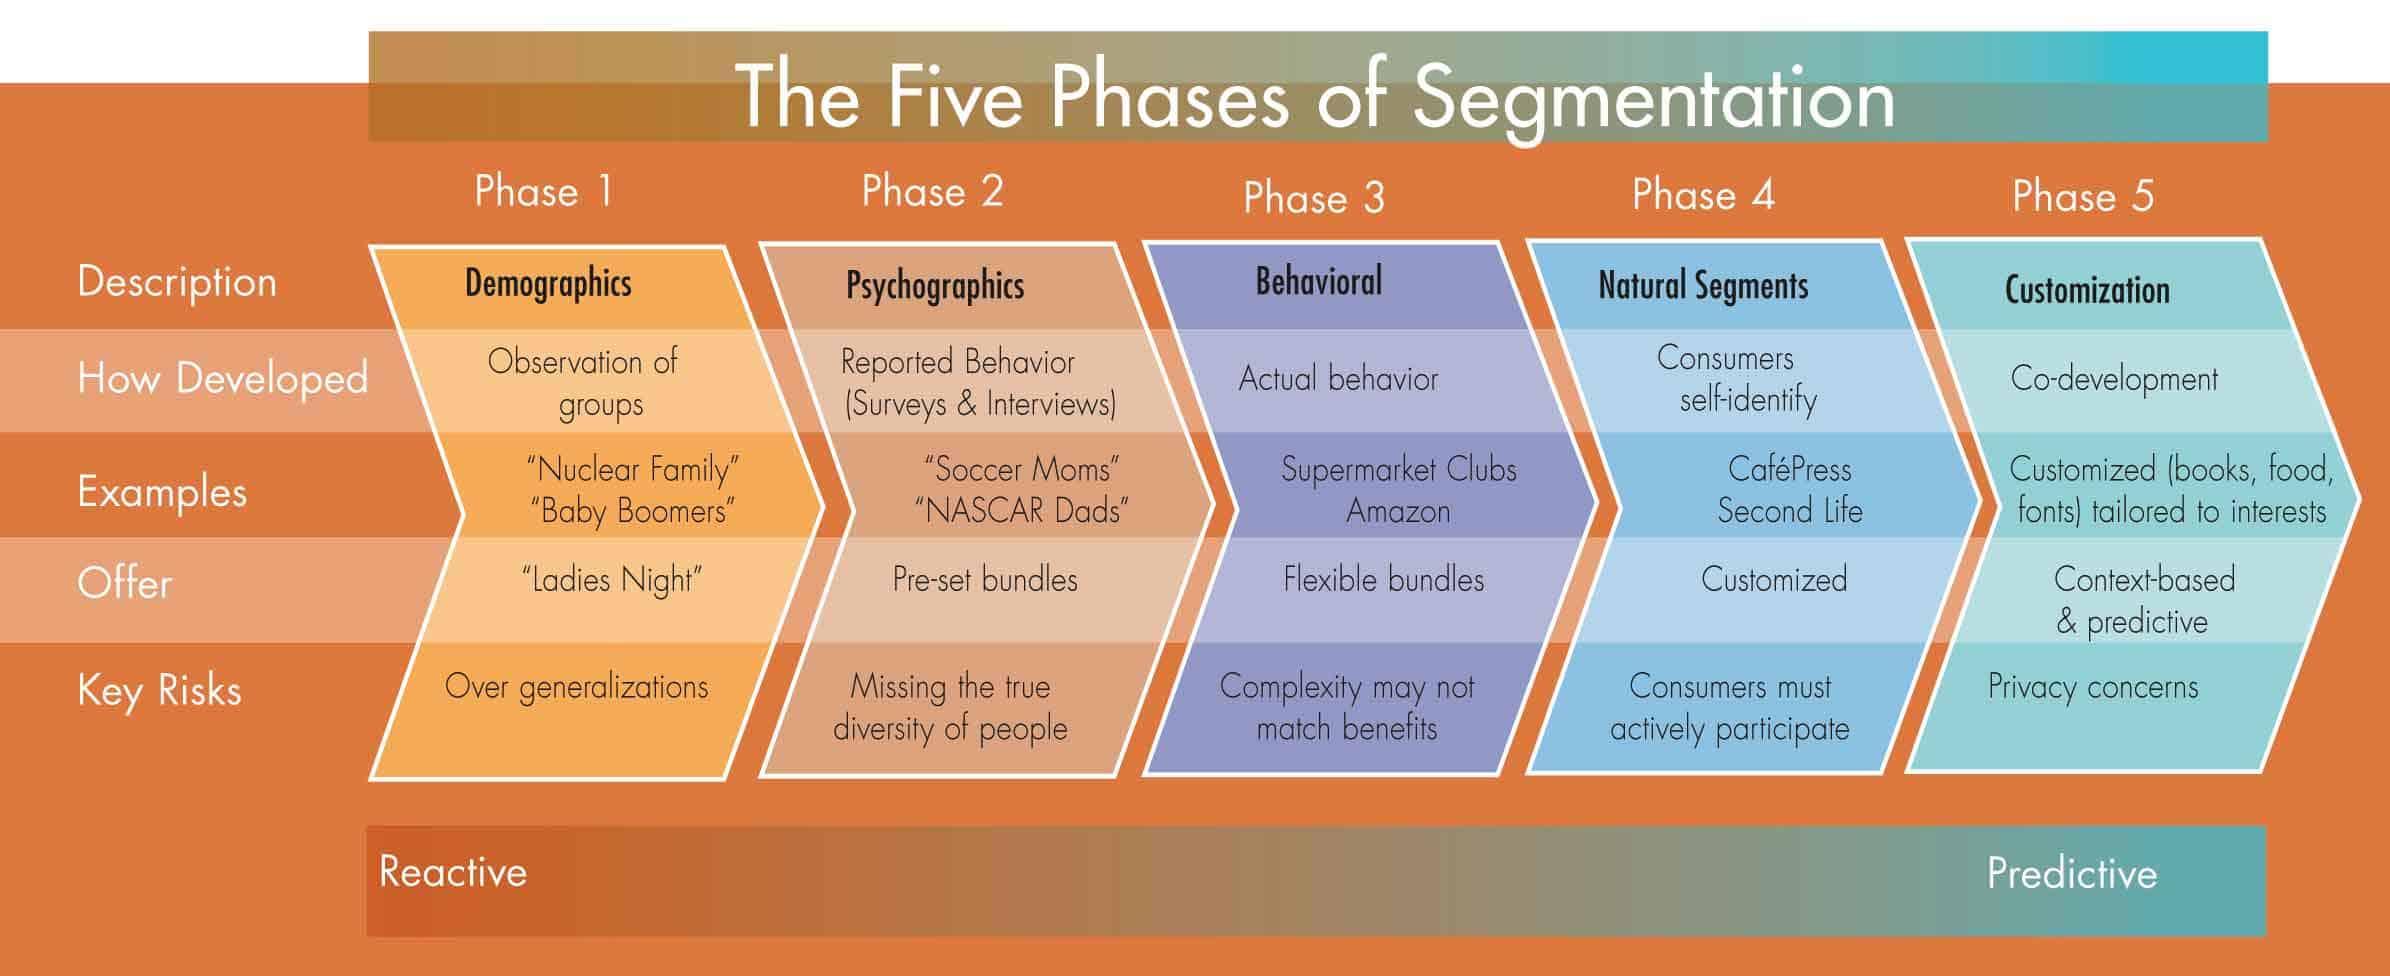 5 phases of segmentation